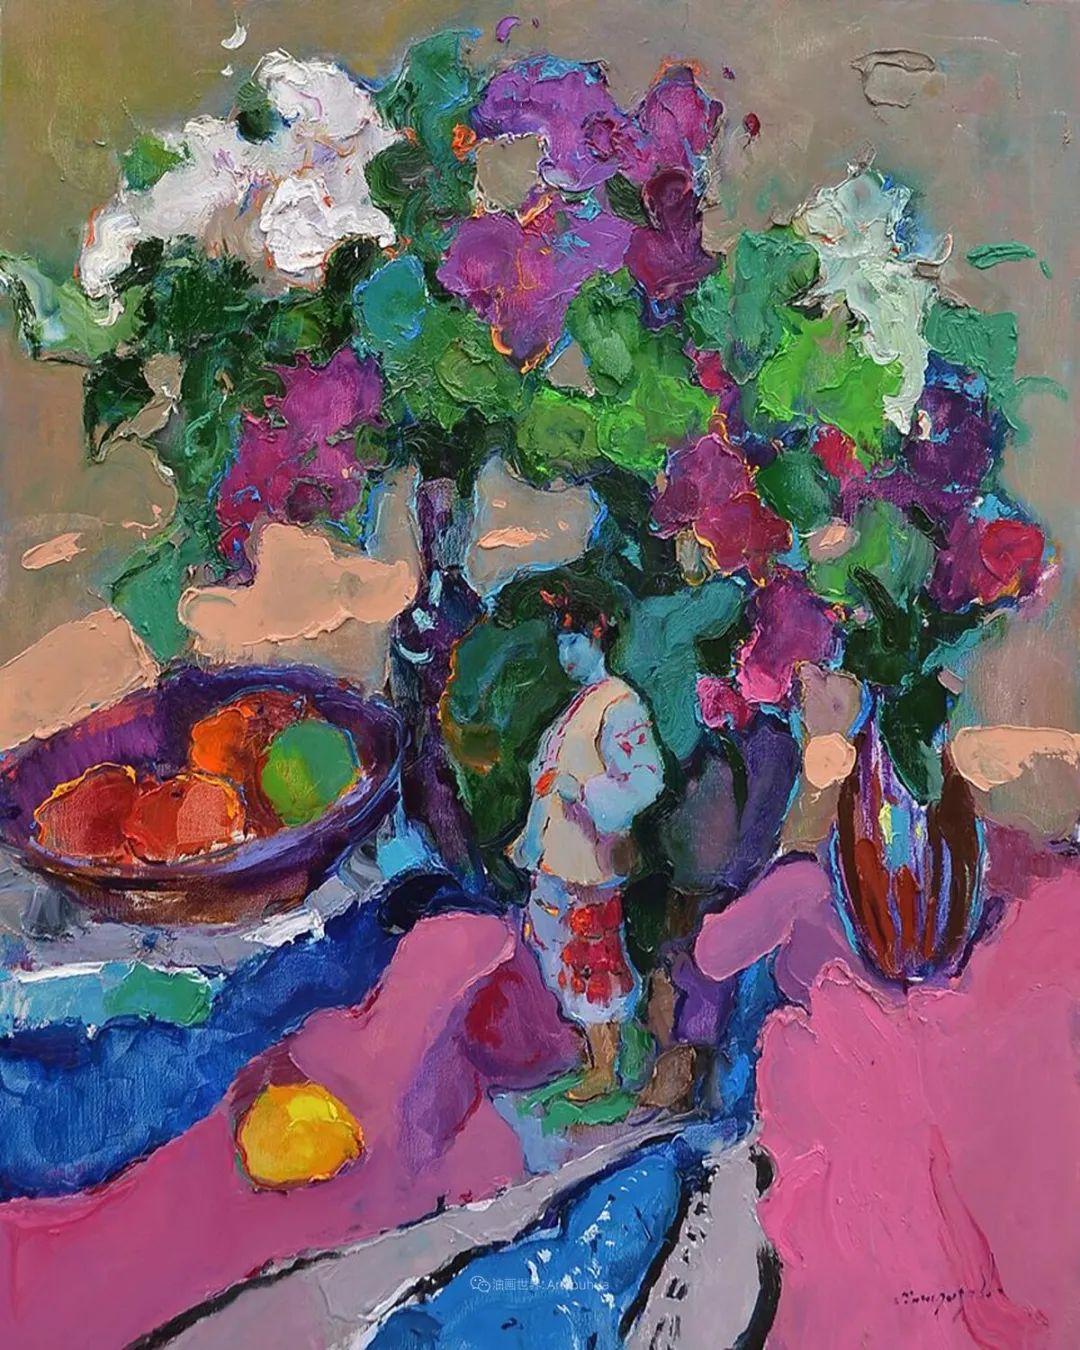 冷暖的色彩碰撞,迷人的静物与花卉作品!插图25